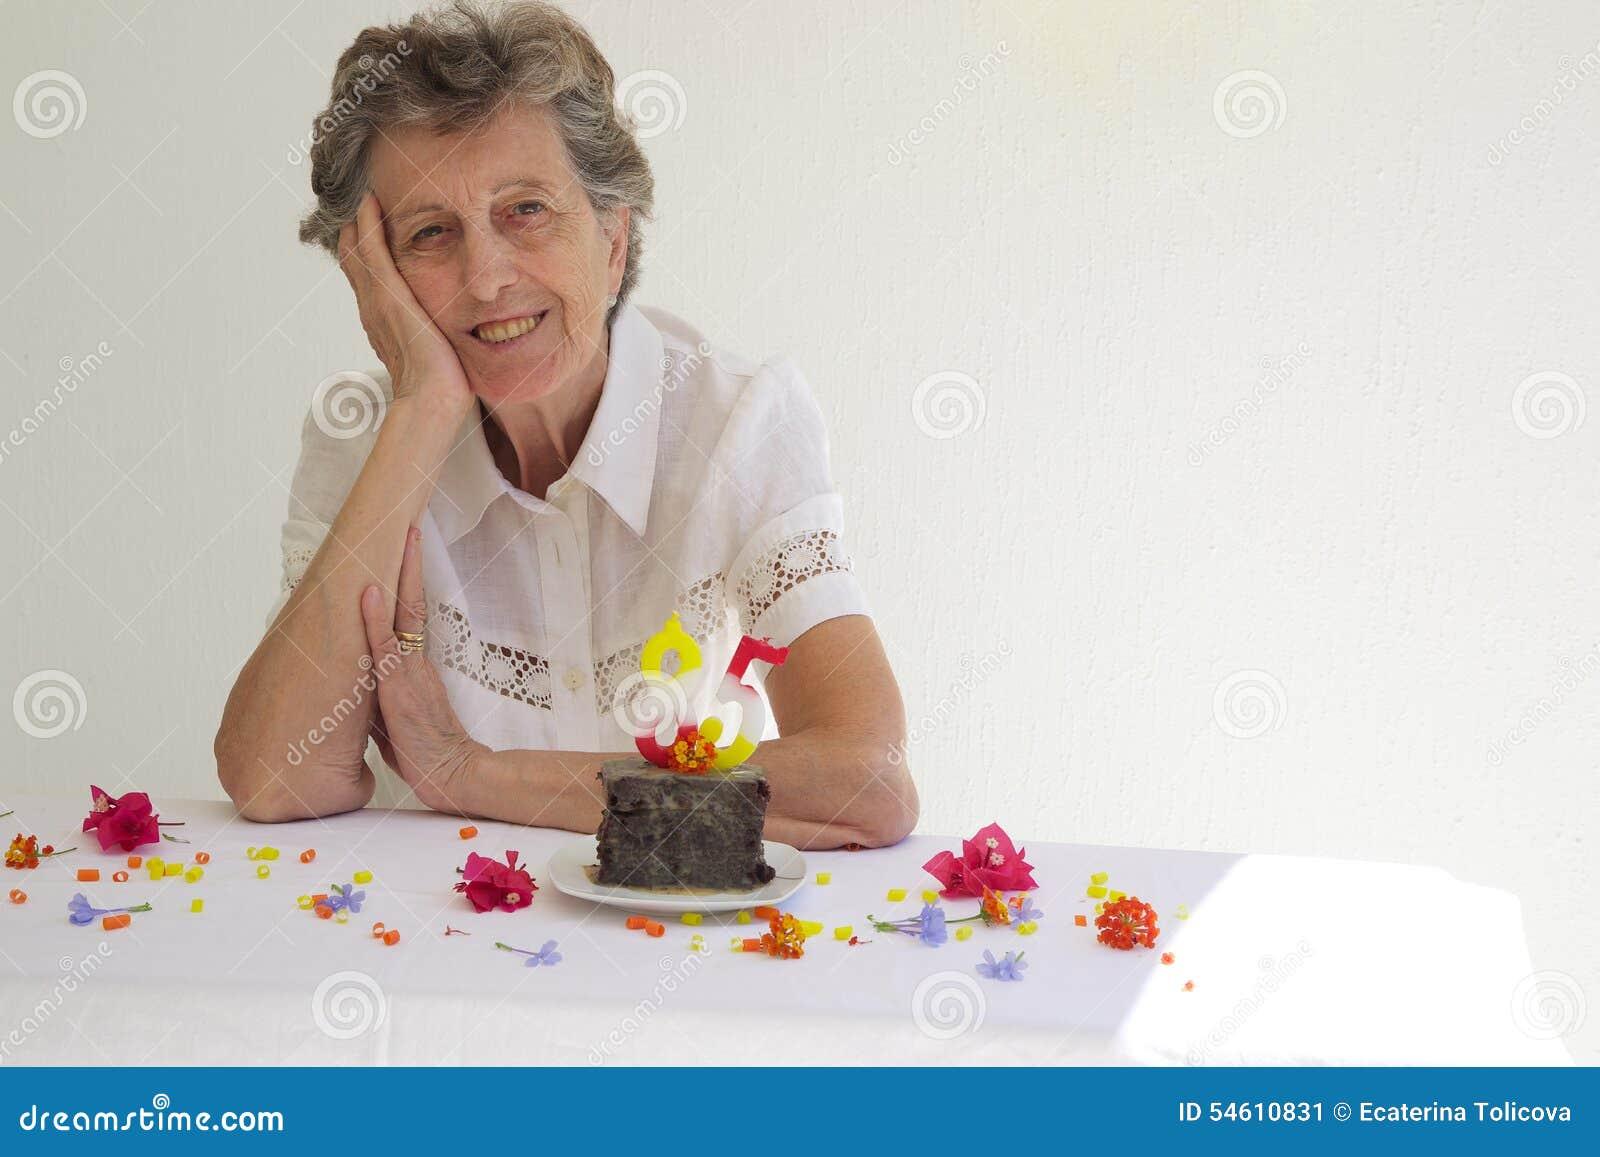 Eine Alte Frau Feiert Ihren Geburtstag Stockbild Bild Von Person